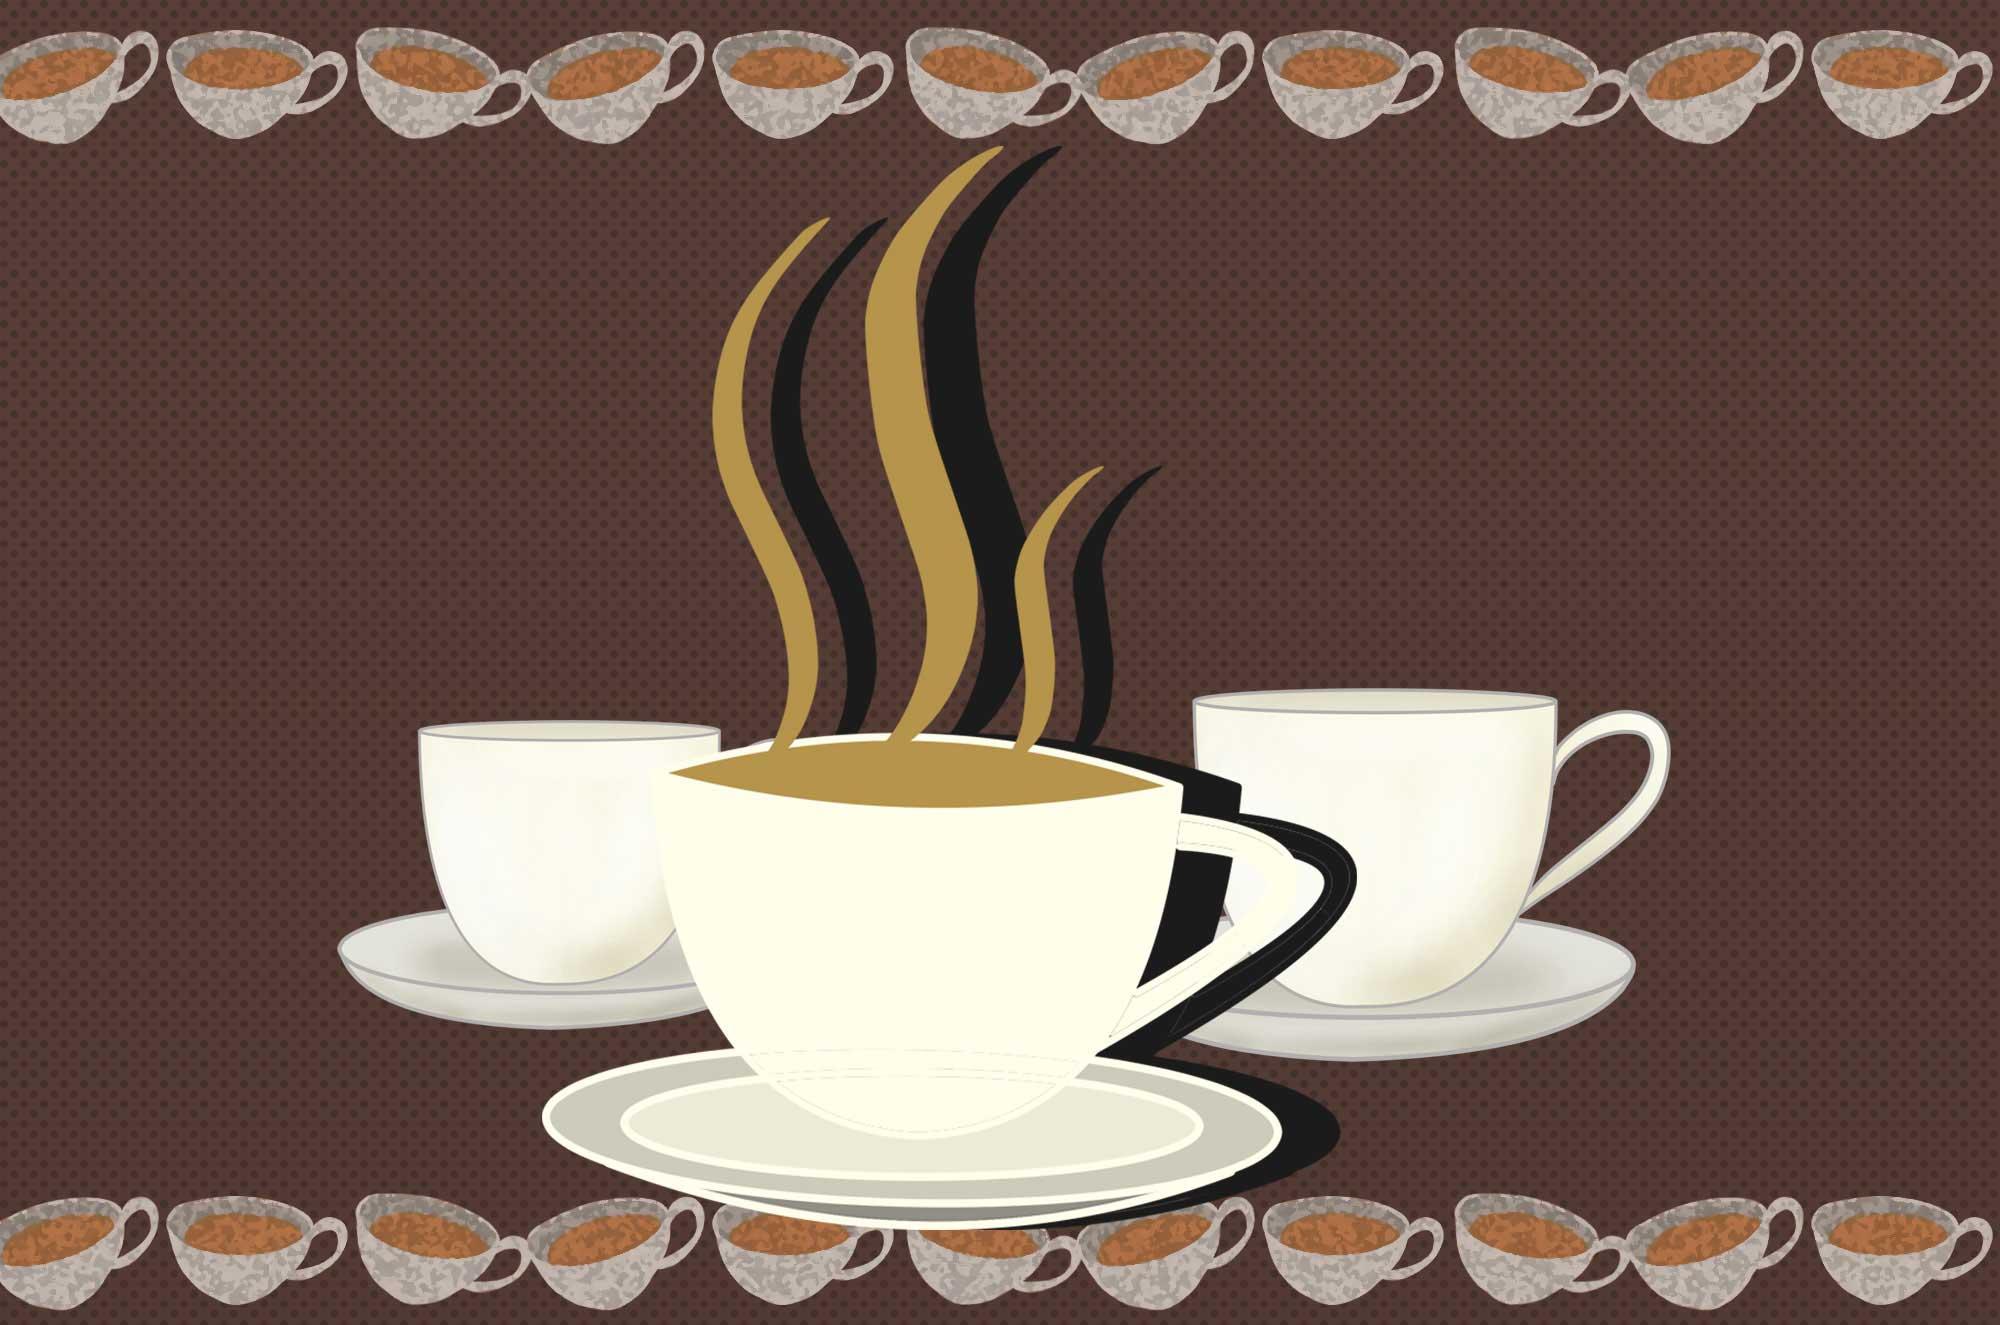 コーヒーカップのイラスト - 香ばしい臭いが漂う無料素材